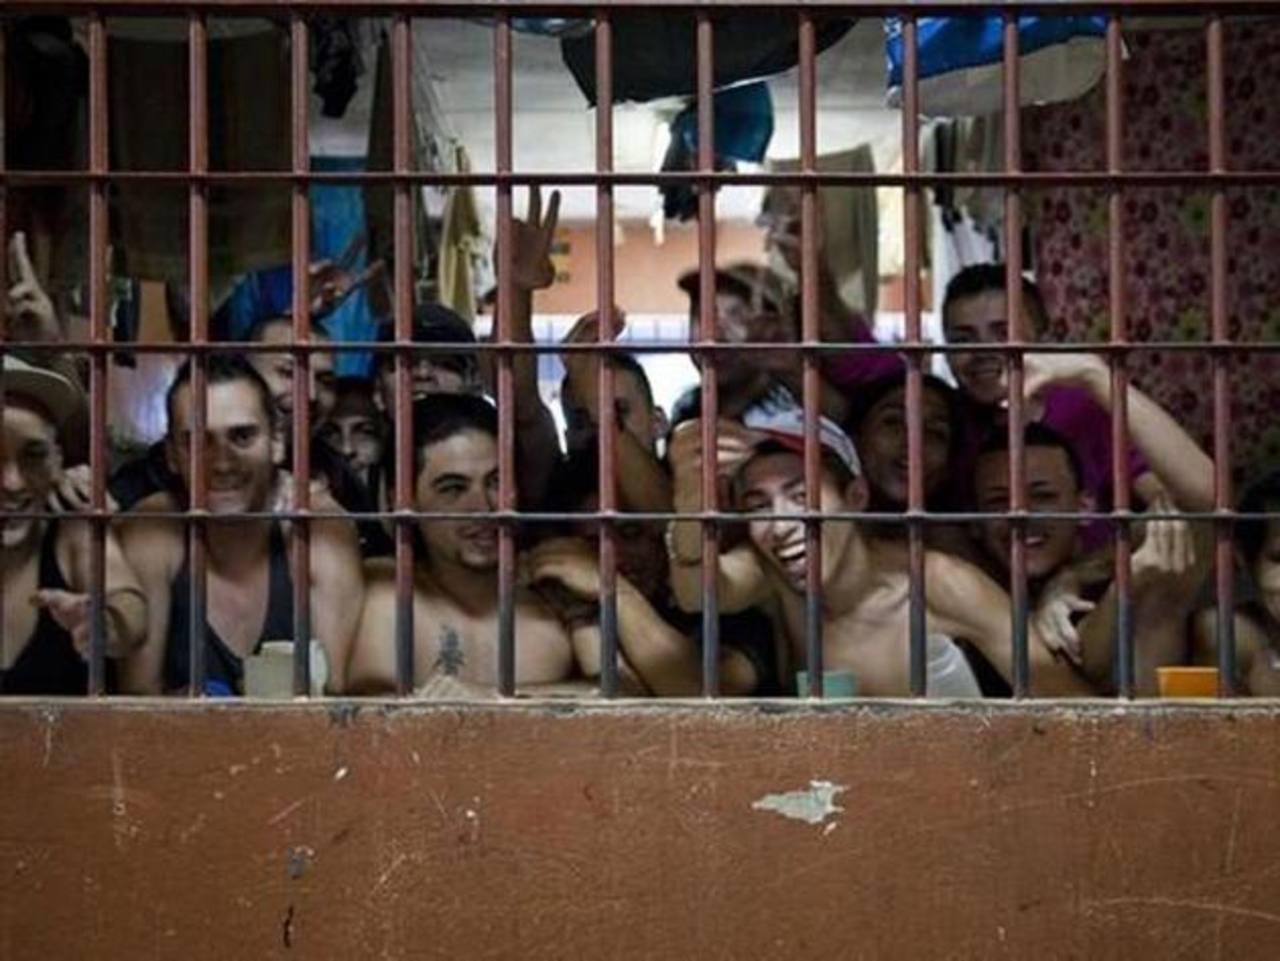 Imagen tomada del sitio lanacion.com, donde aparecen reos de la cárcel San Sebastián, en el sur de San José. foto EDH /